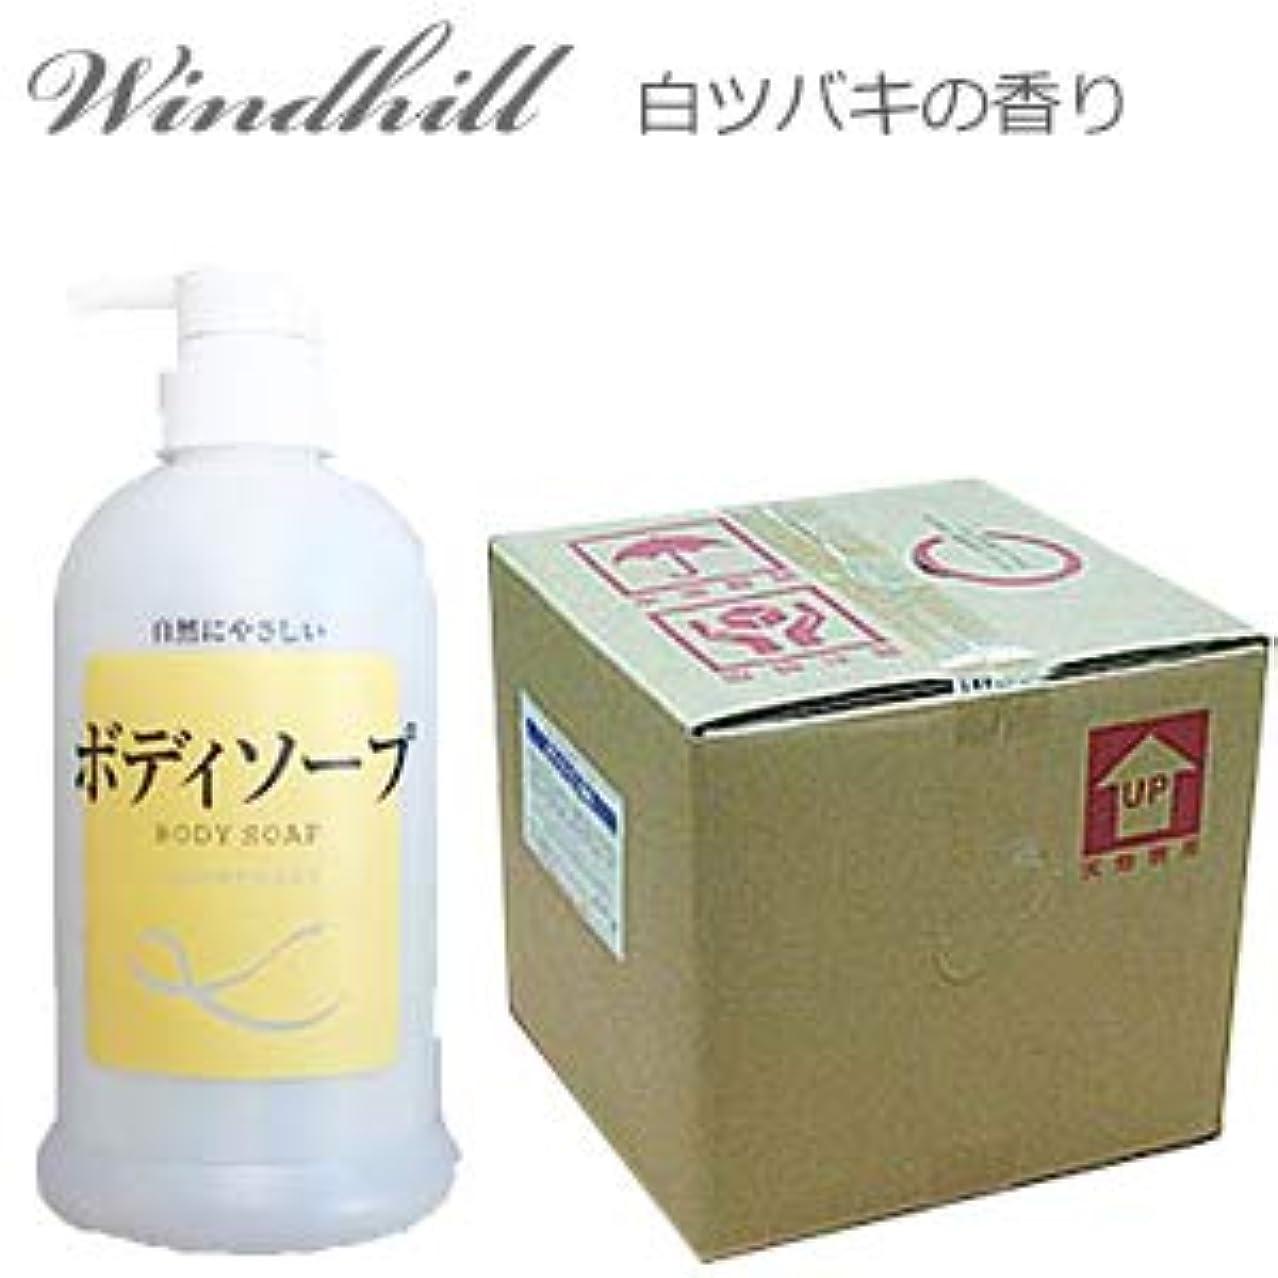 すごい痛い貸し手なんと! 500ml当り175円 Windhill 植物性 業務用 ボディソープ  白ツバキの香り 20L